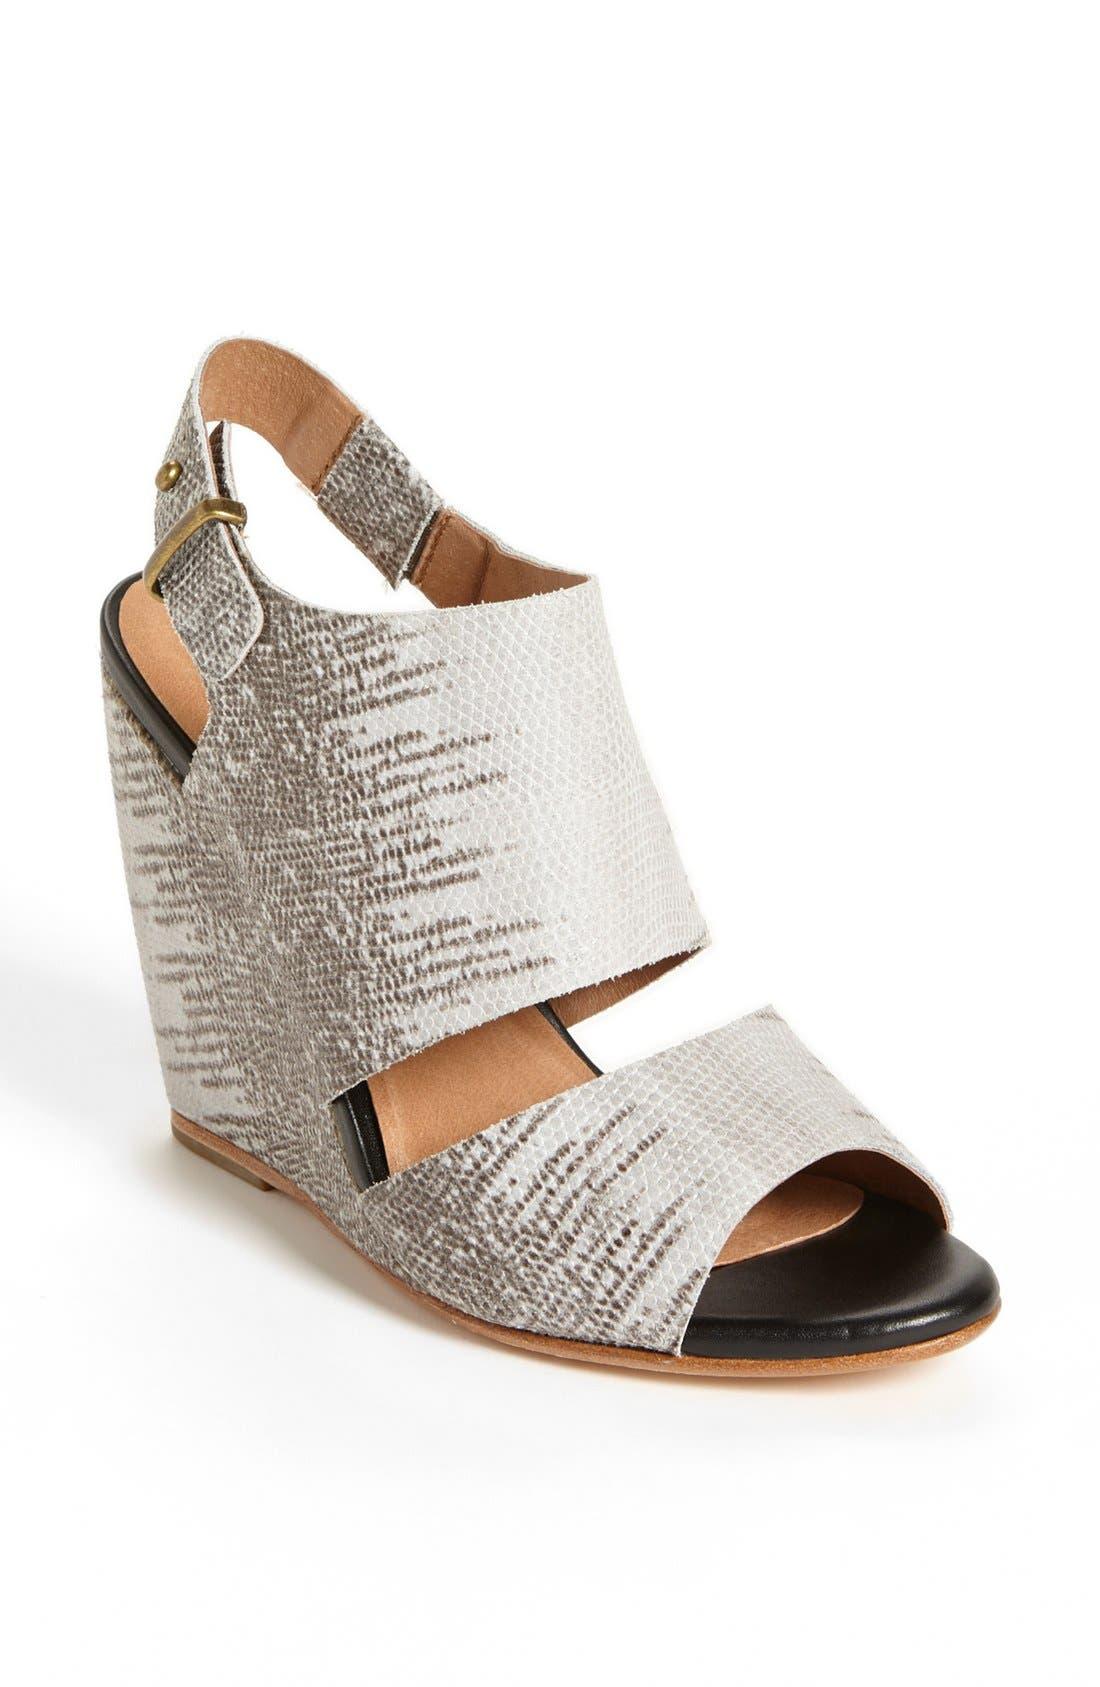 Main Image - Joie 'Ashland' Wedge Sandal